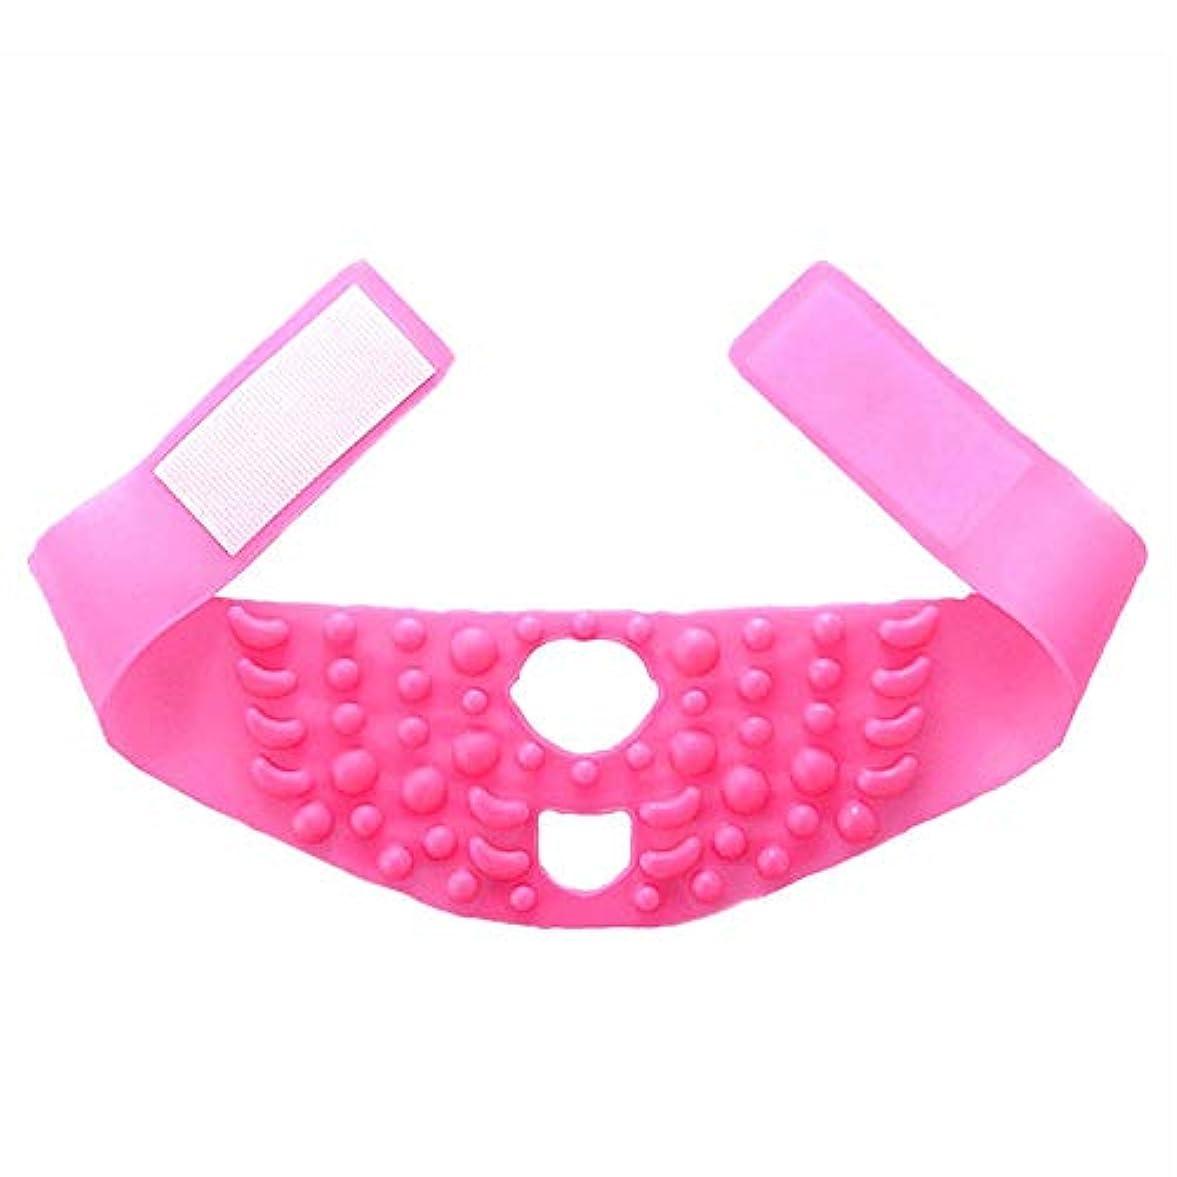 想像力豊かなまさに許可GYZ シンフェイスマスクシリコーンマッサージ引き締まった形の小さなVフェイスリフティングに薄いフェイスアーティファクト包帯を飾る - ピンク Thin Face Belt